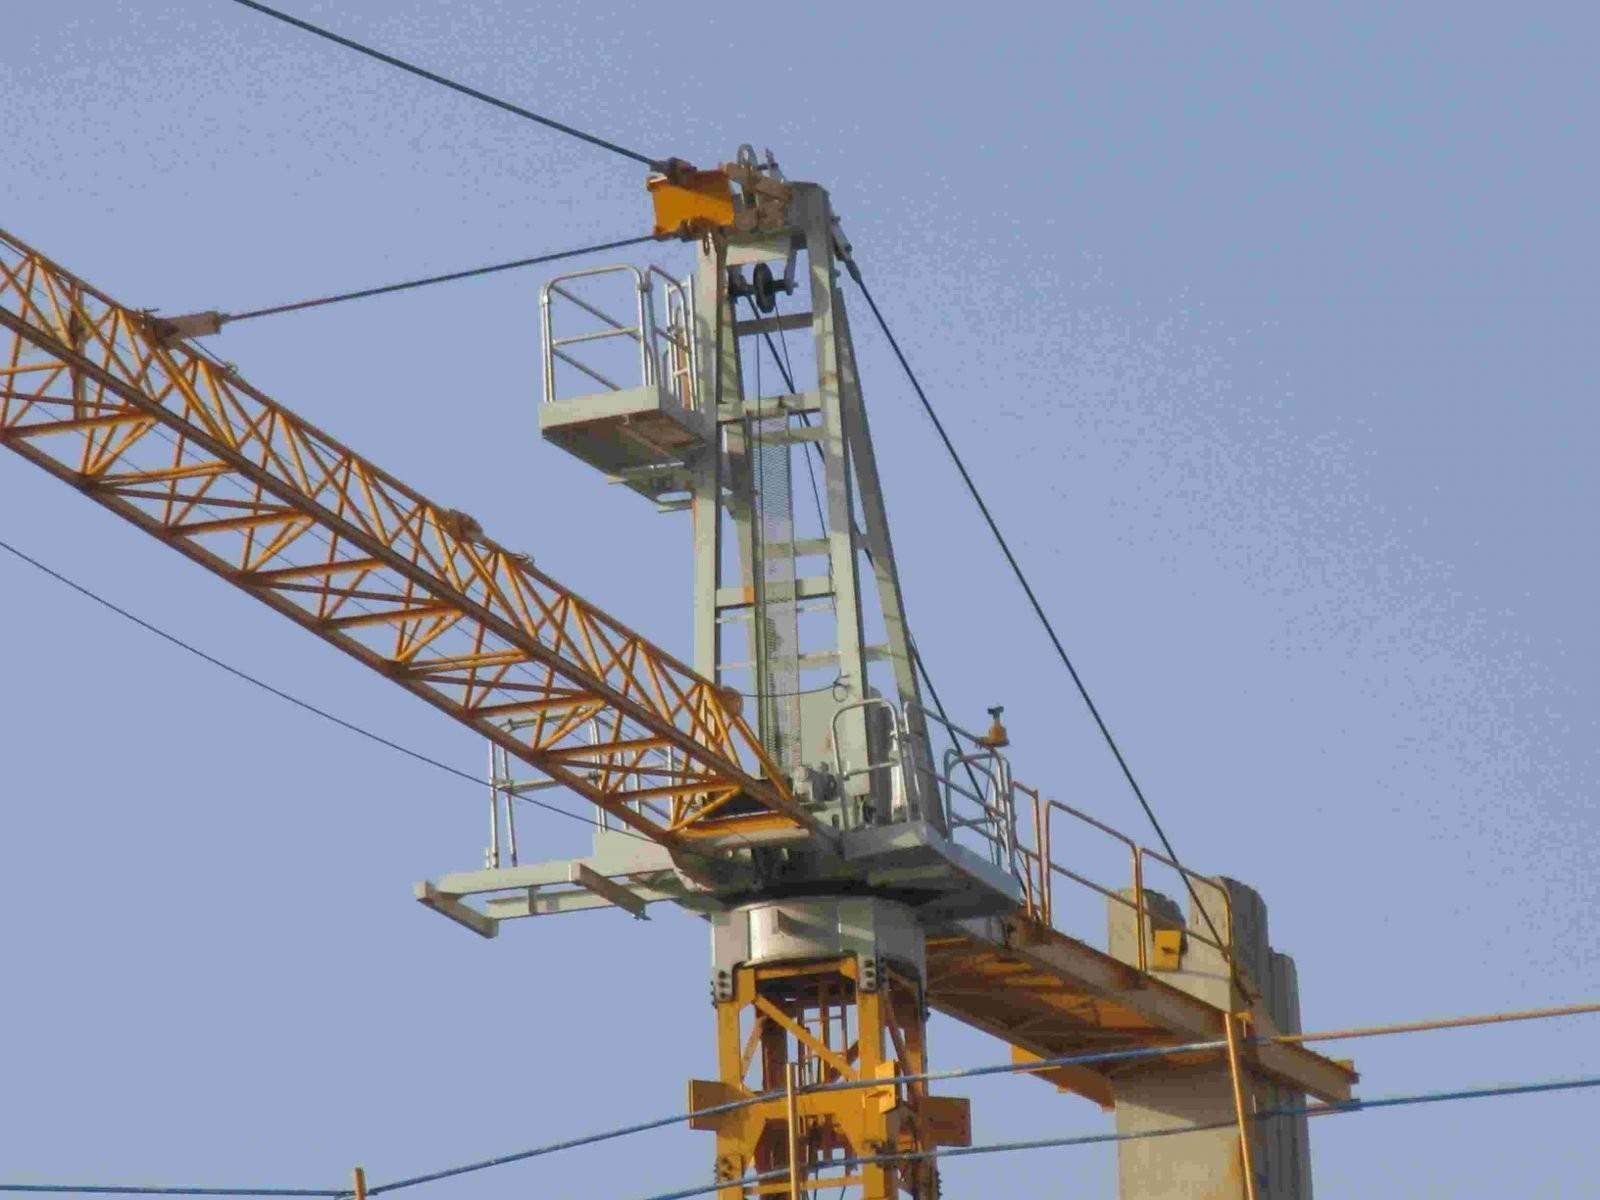 Порыв ветра уронил башенный кран нагостиницу в КНР